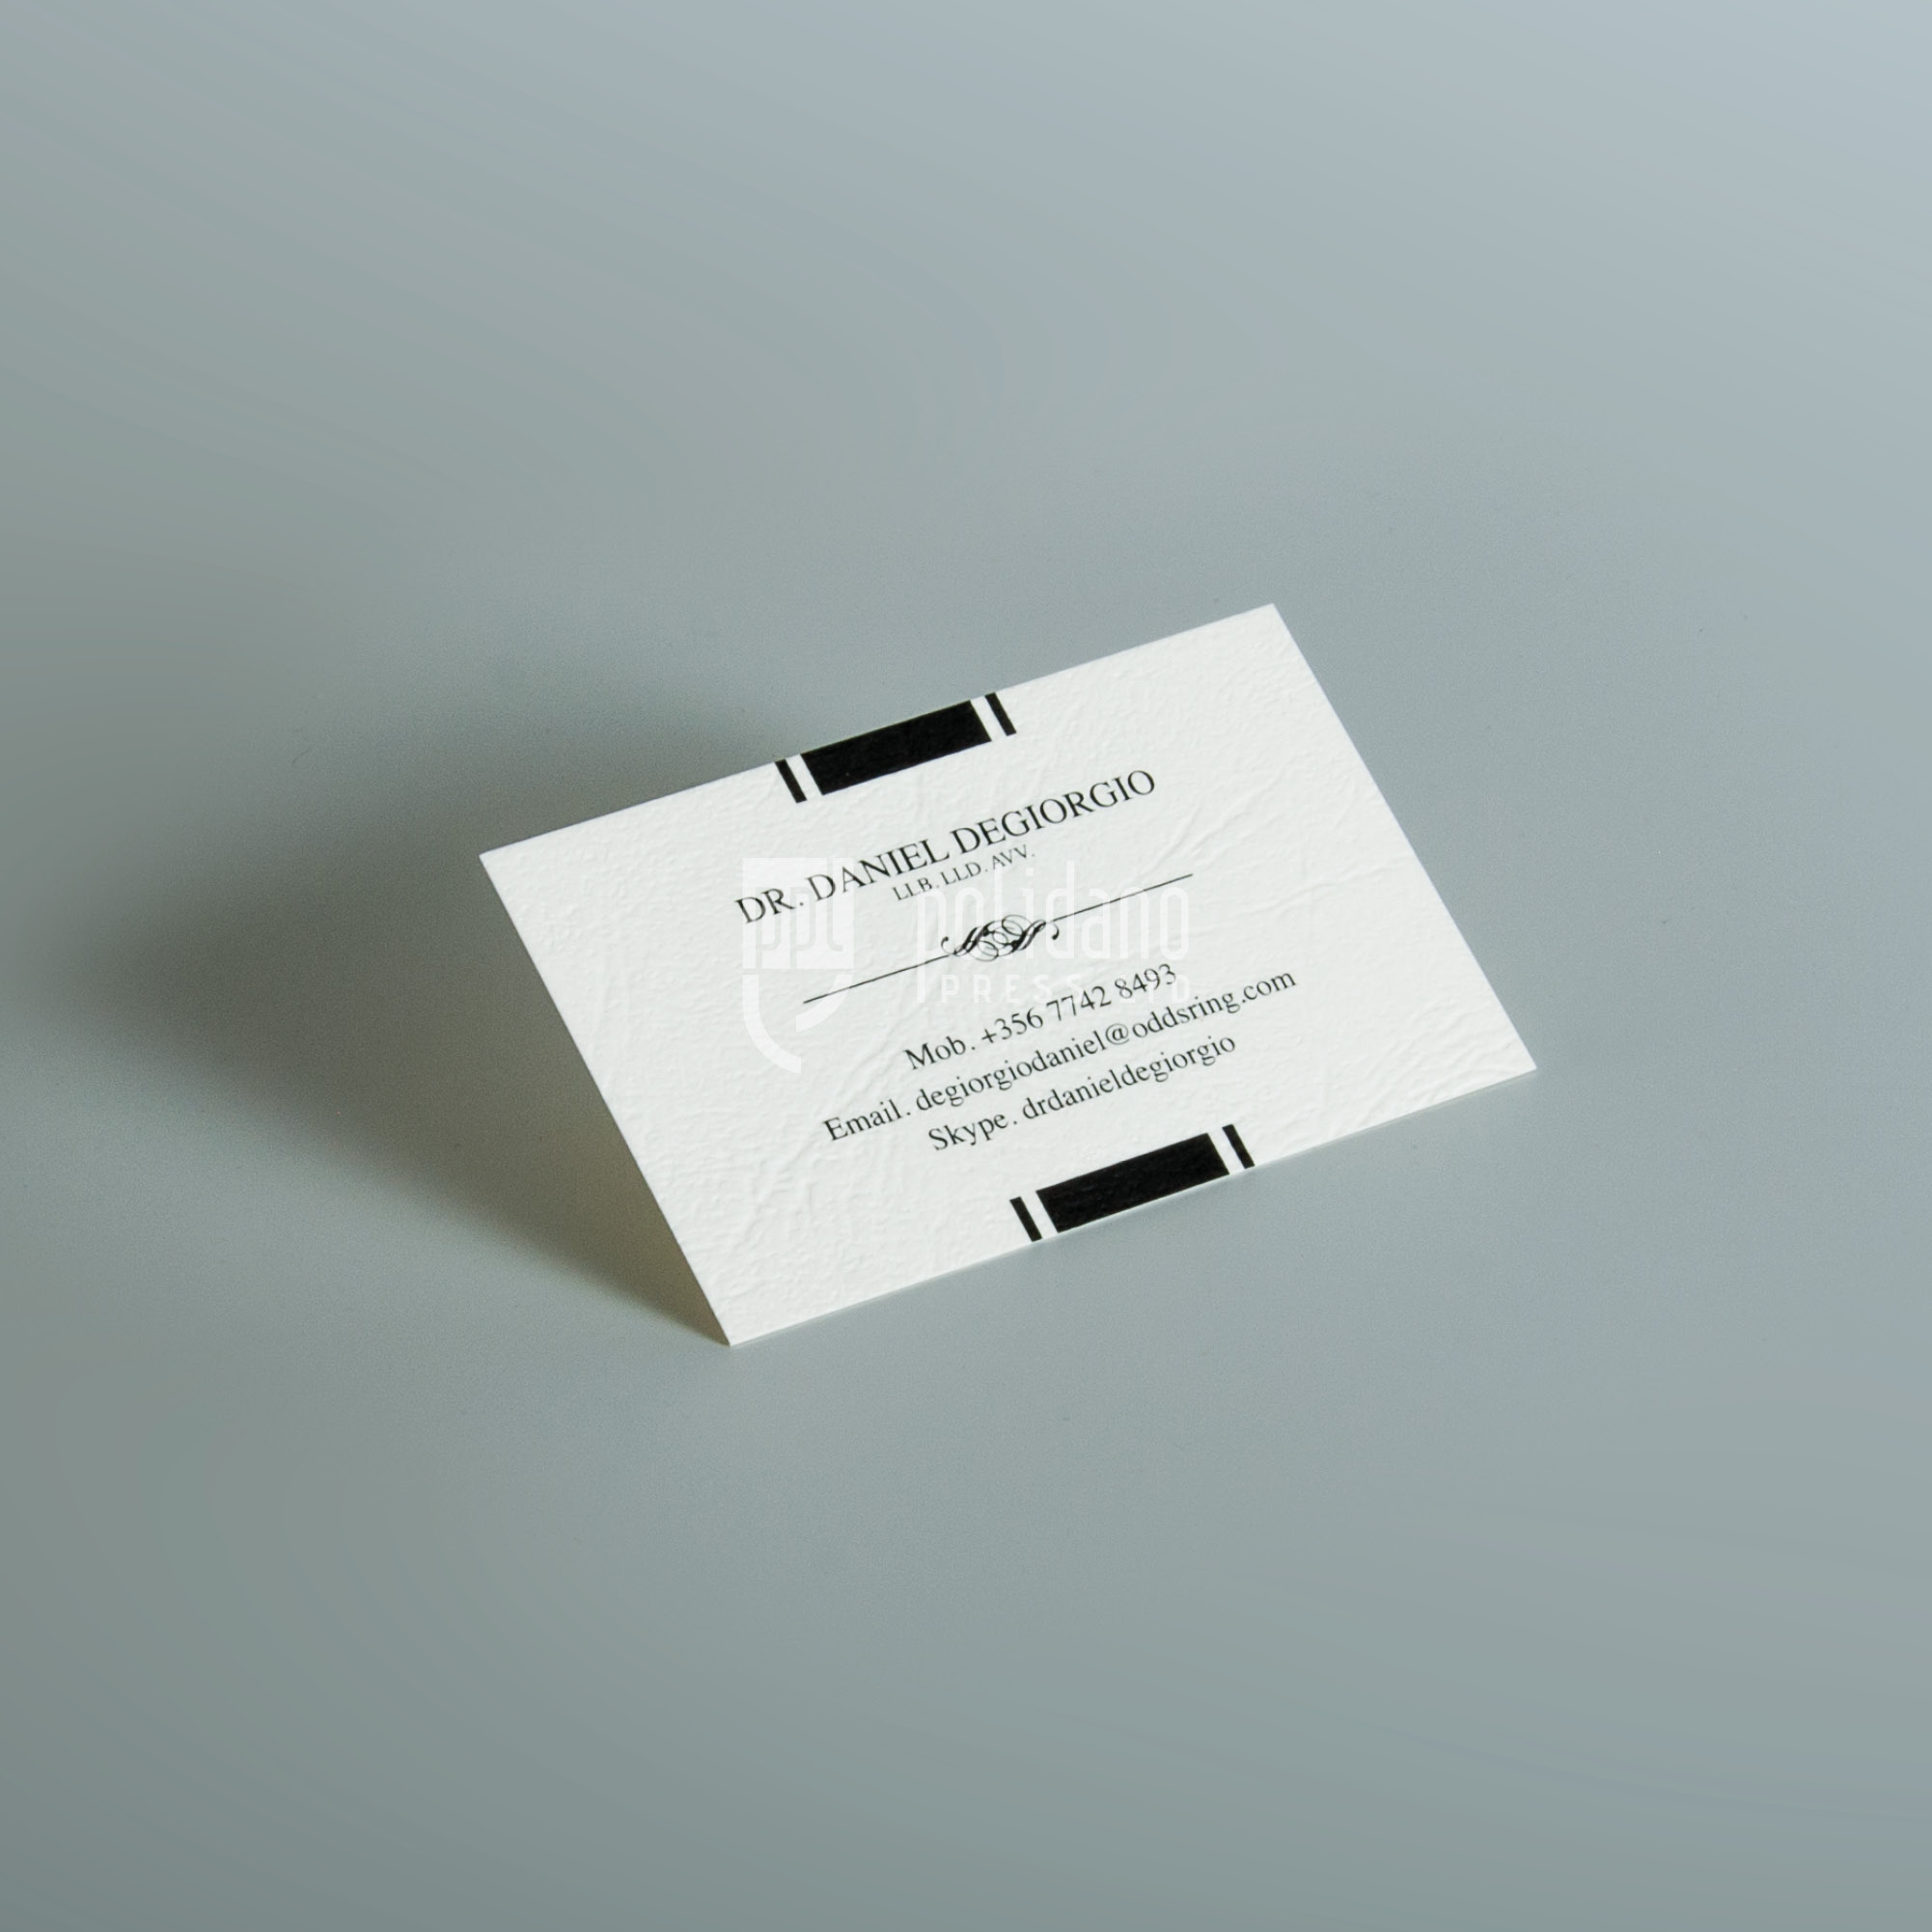 Dr Daniel Degiorgio business cards